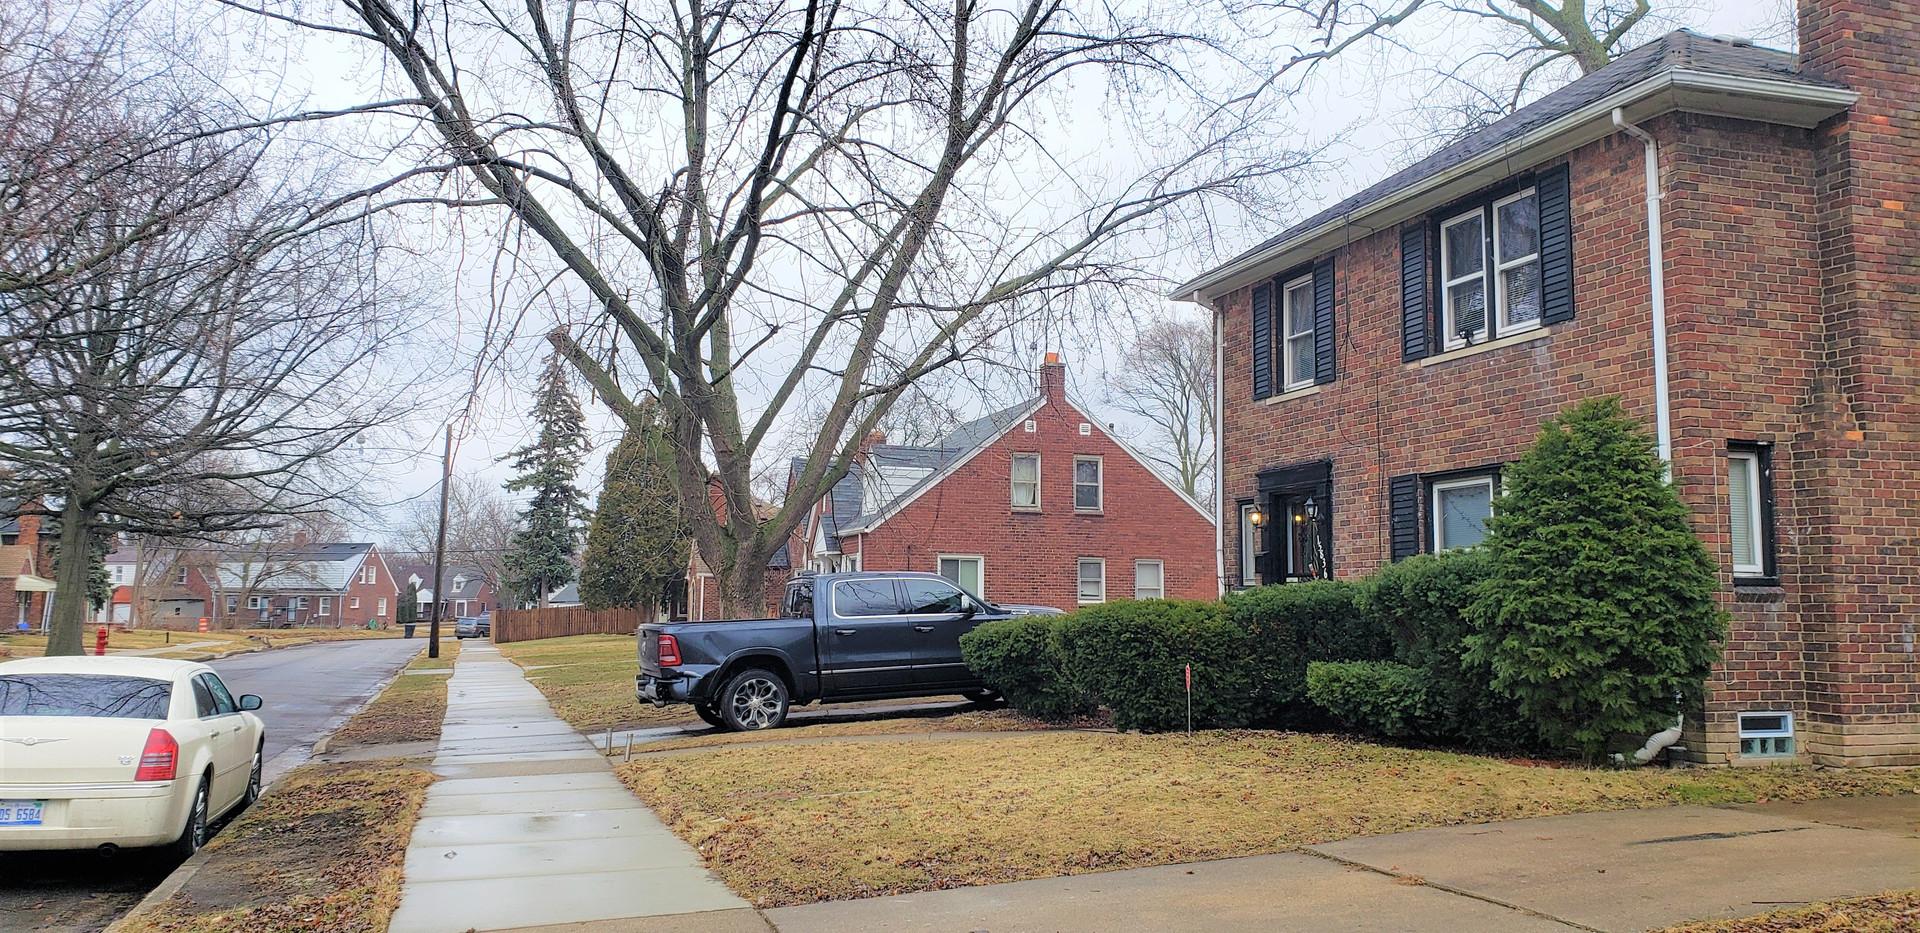 15826-Linnhurst-Street-View.jpg